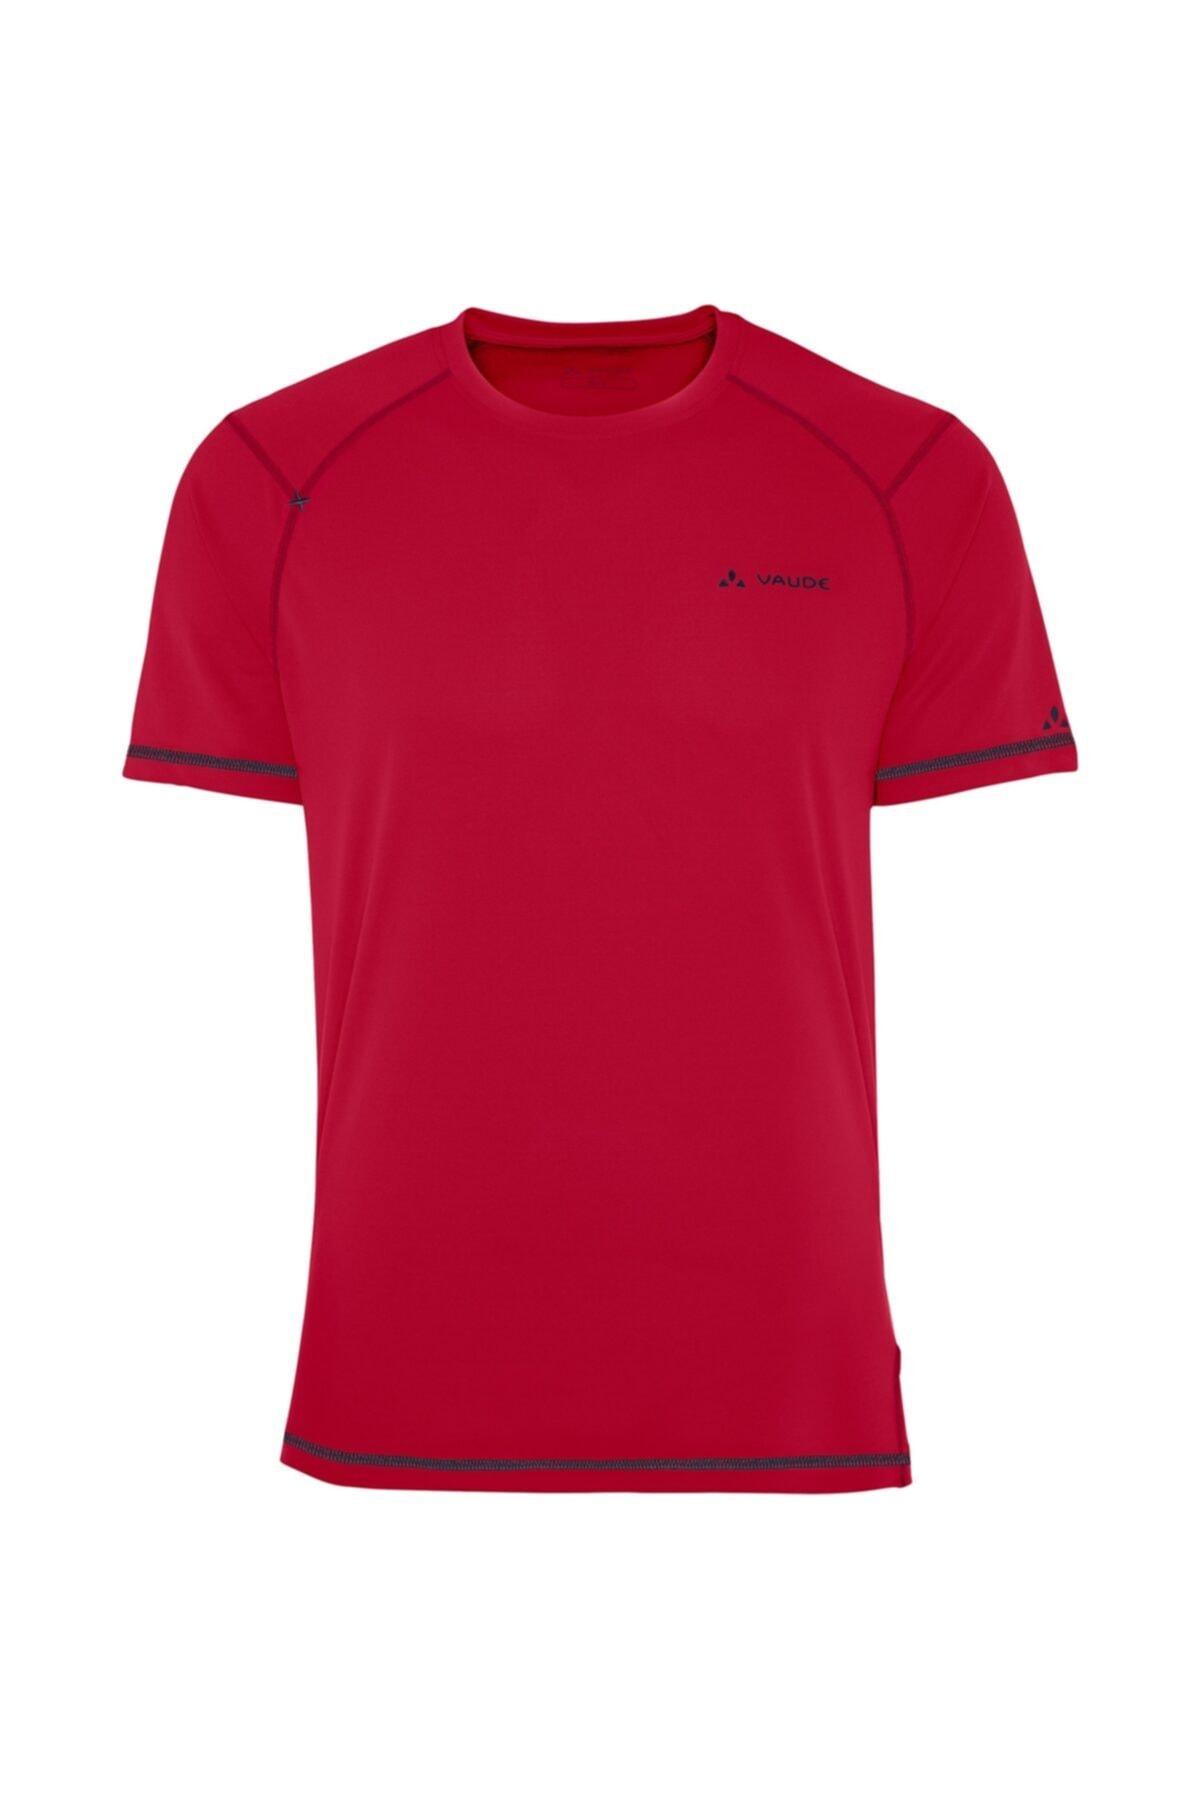 VAUDE Me Hallett Erkek T-shirt 04449 1